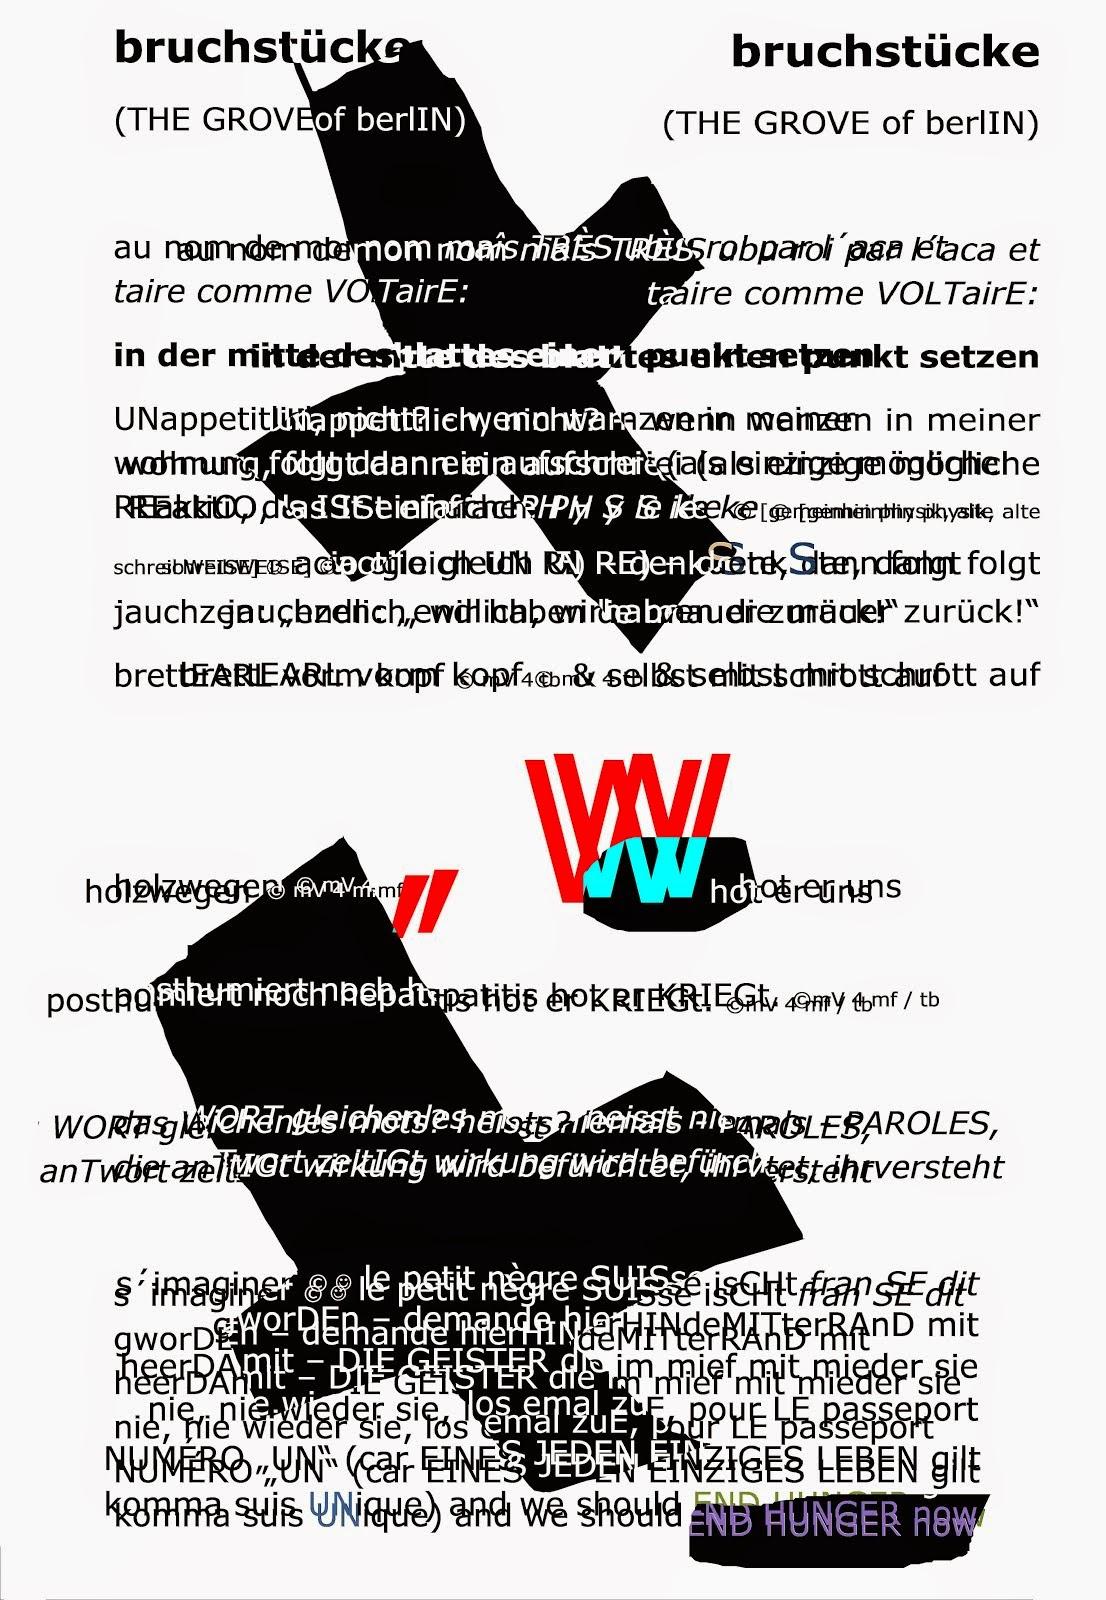 bz sonntagsbeilage 28.12.14 GEISTIGE REVOLUTION mischa vetere chodorkowski 12.13 mick jagger aeg